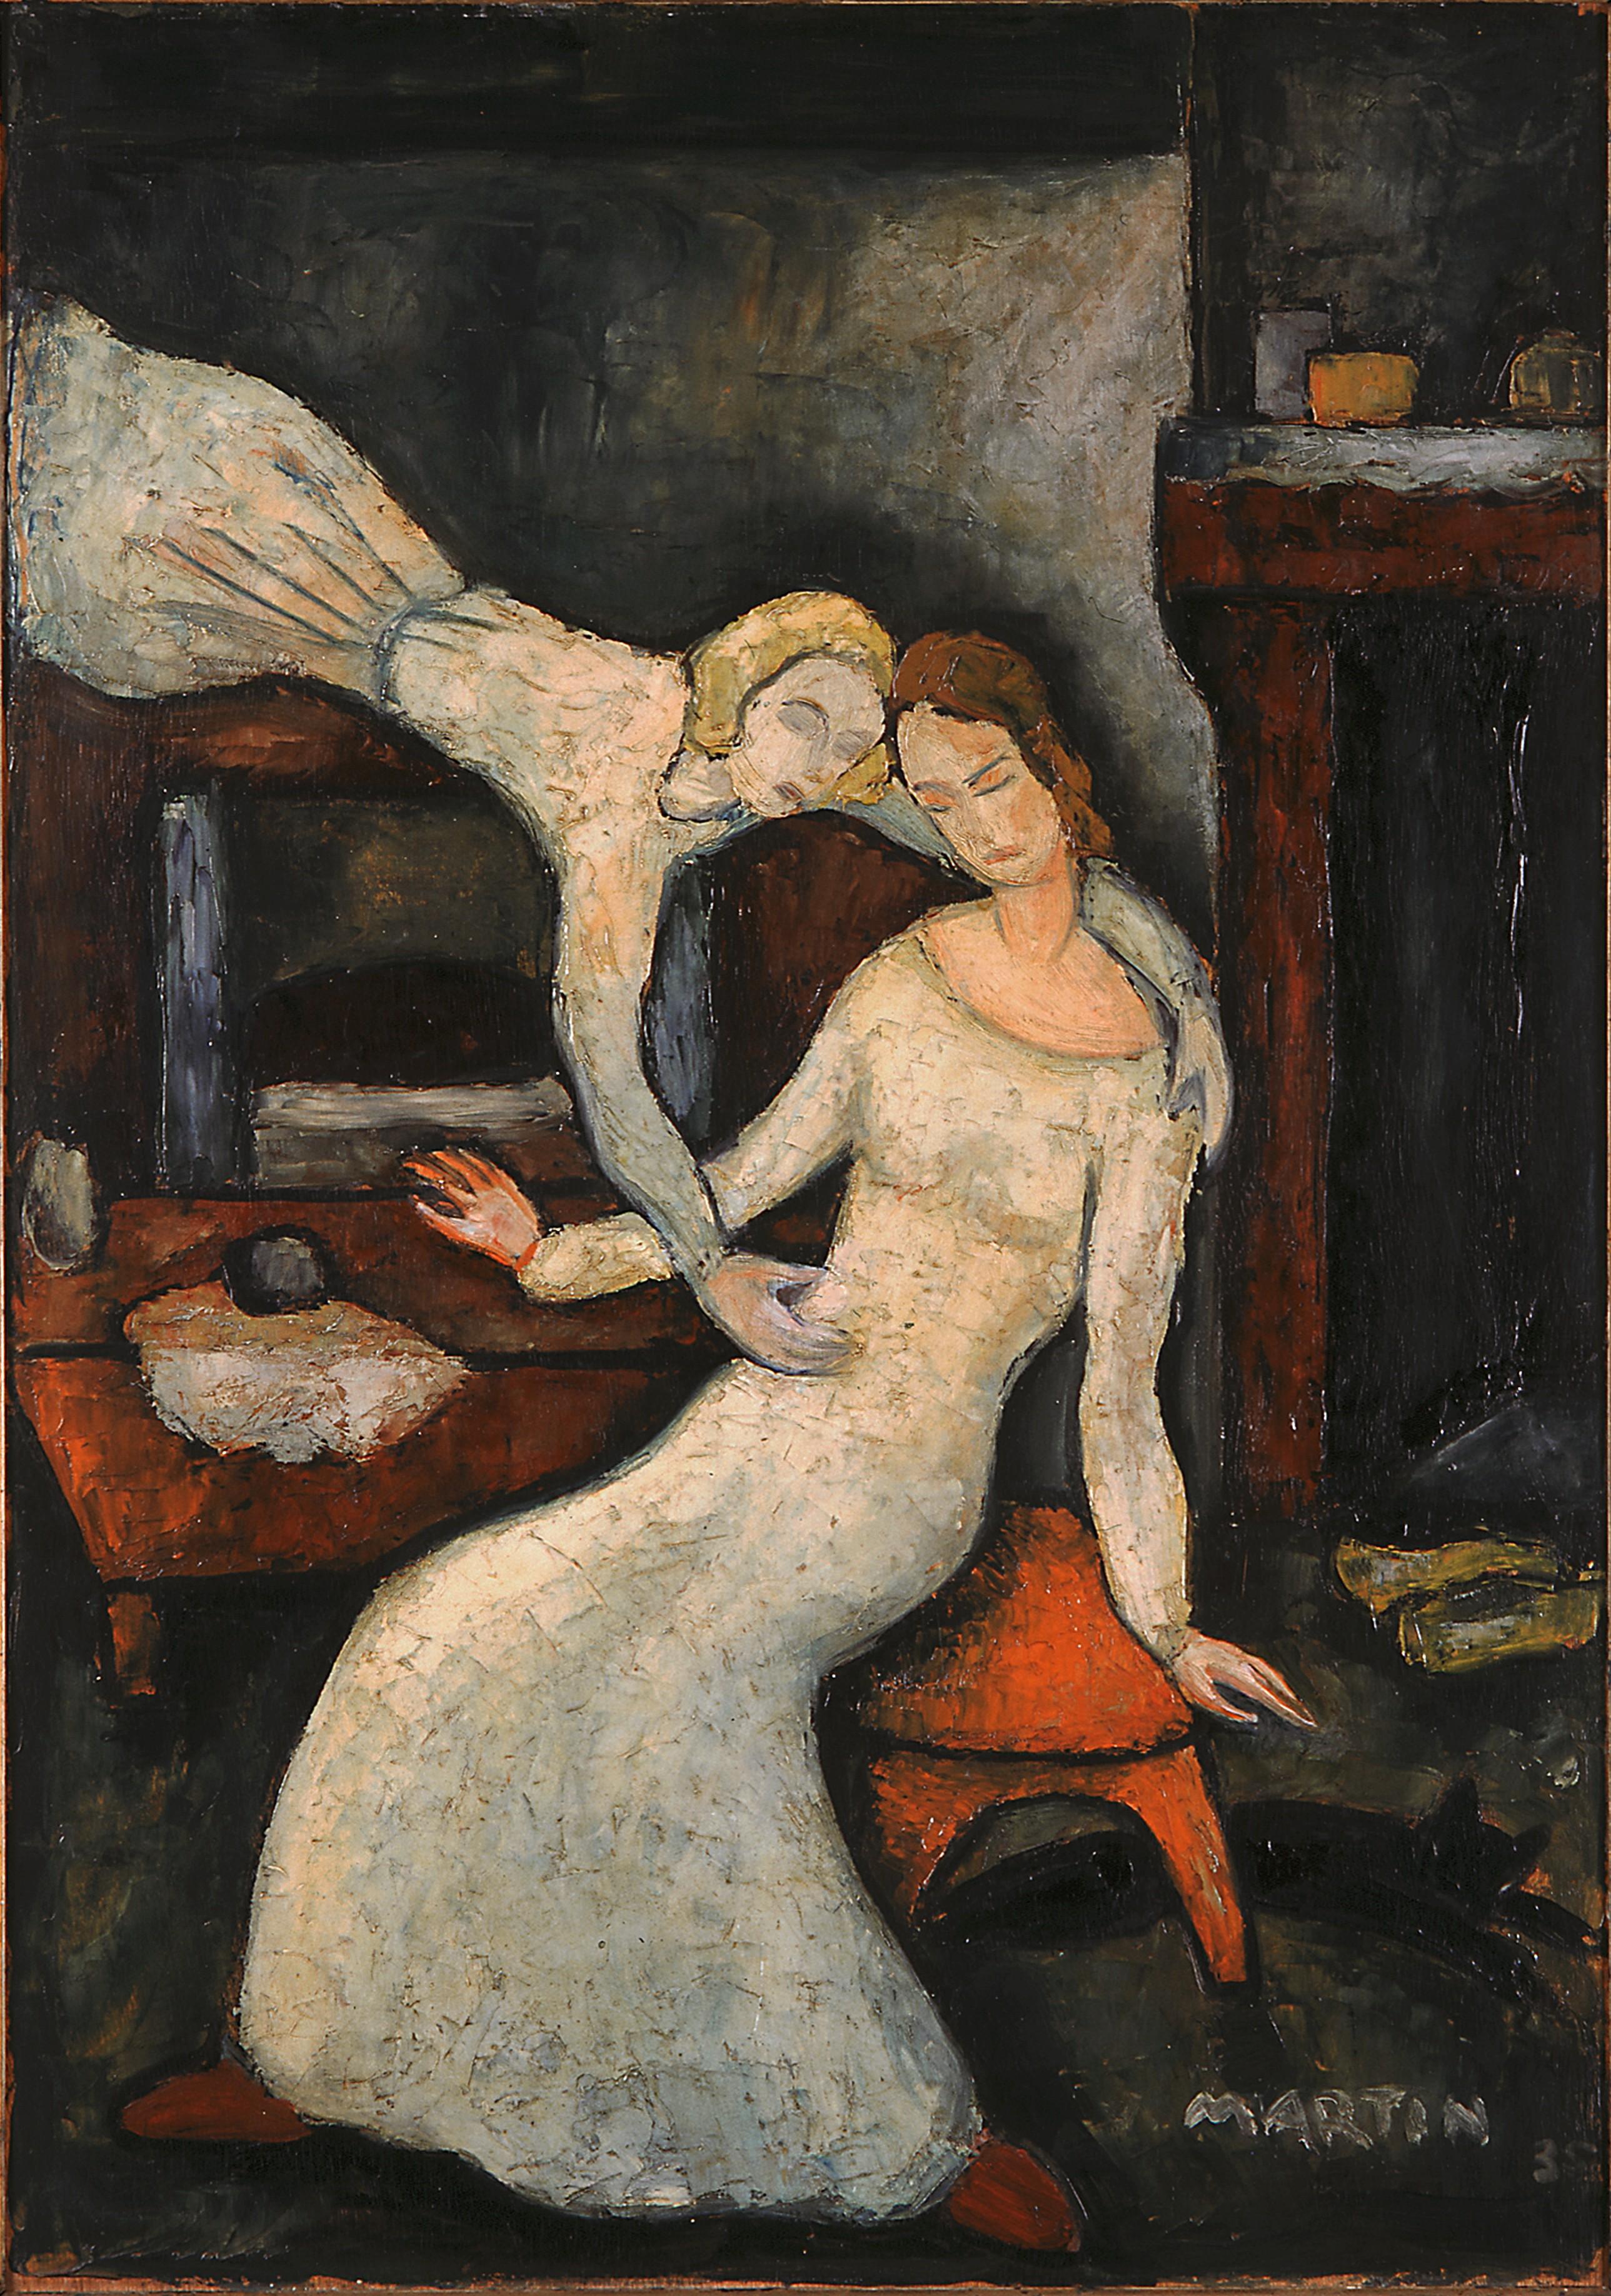 L'Annonciation de Jean Martin, 1935, huile sur toile, donation au Musée eucharistique du Hiéron. © Musée eucharistique du Hiéron